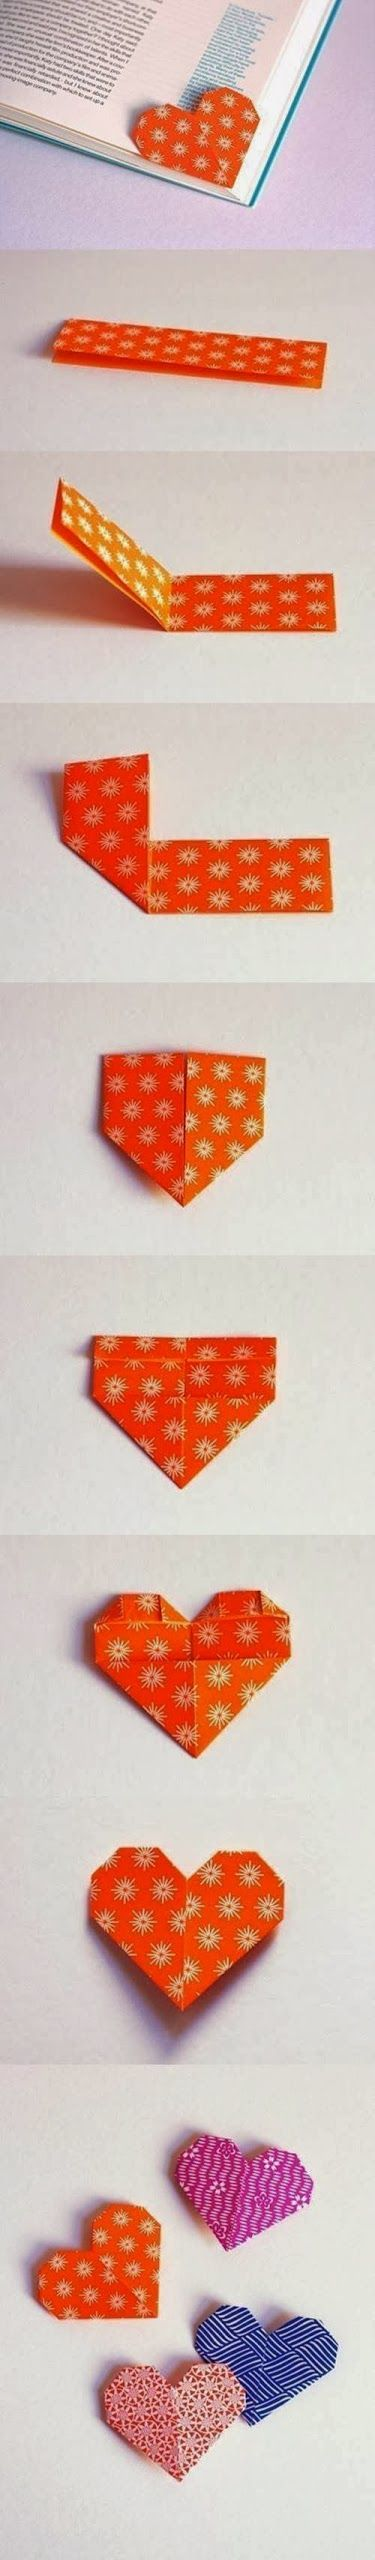 DIY : Cute Origami Heart Shaped Bookmark